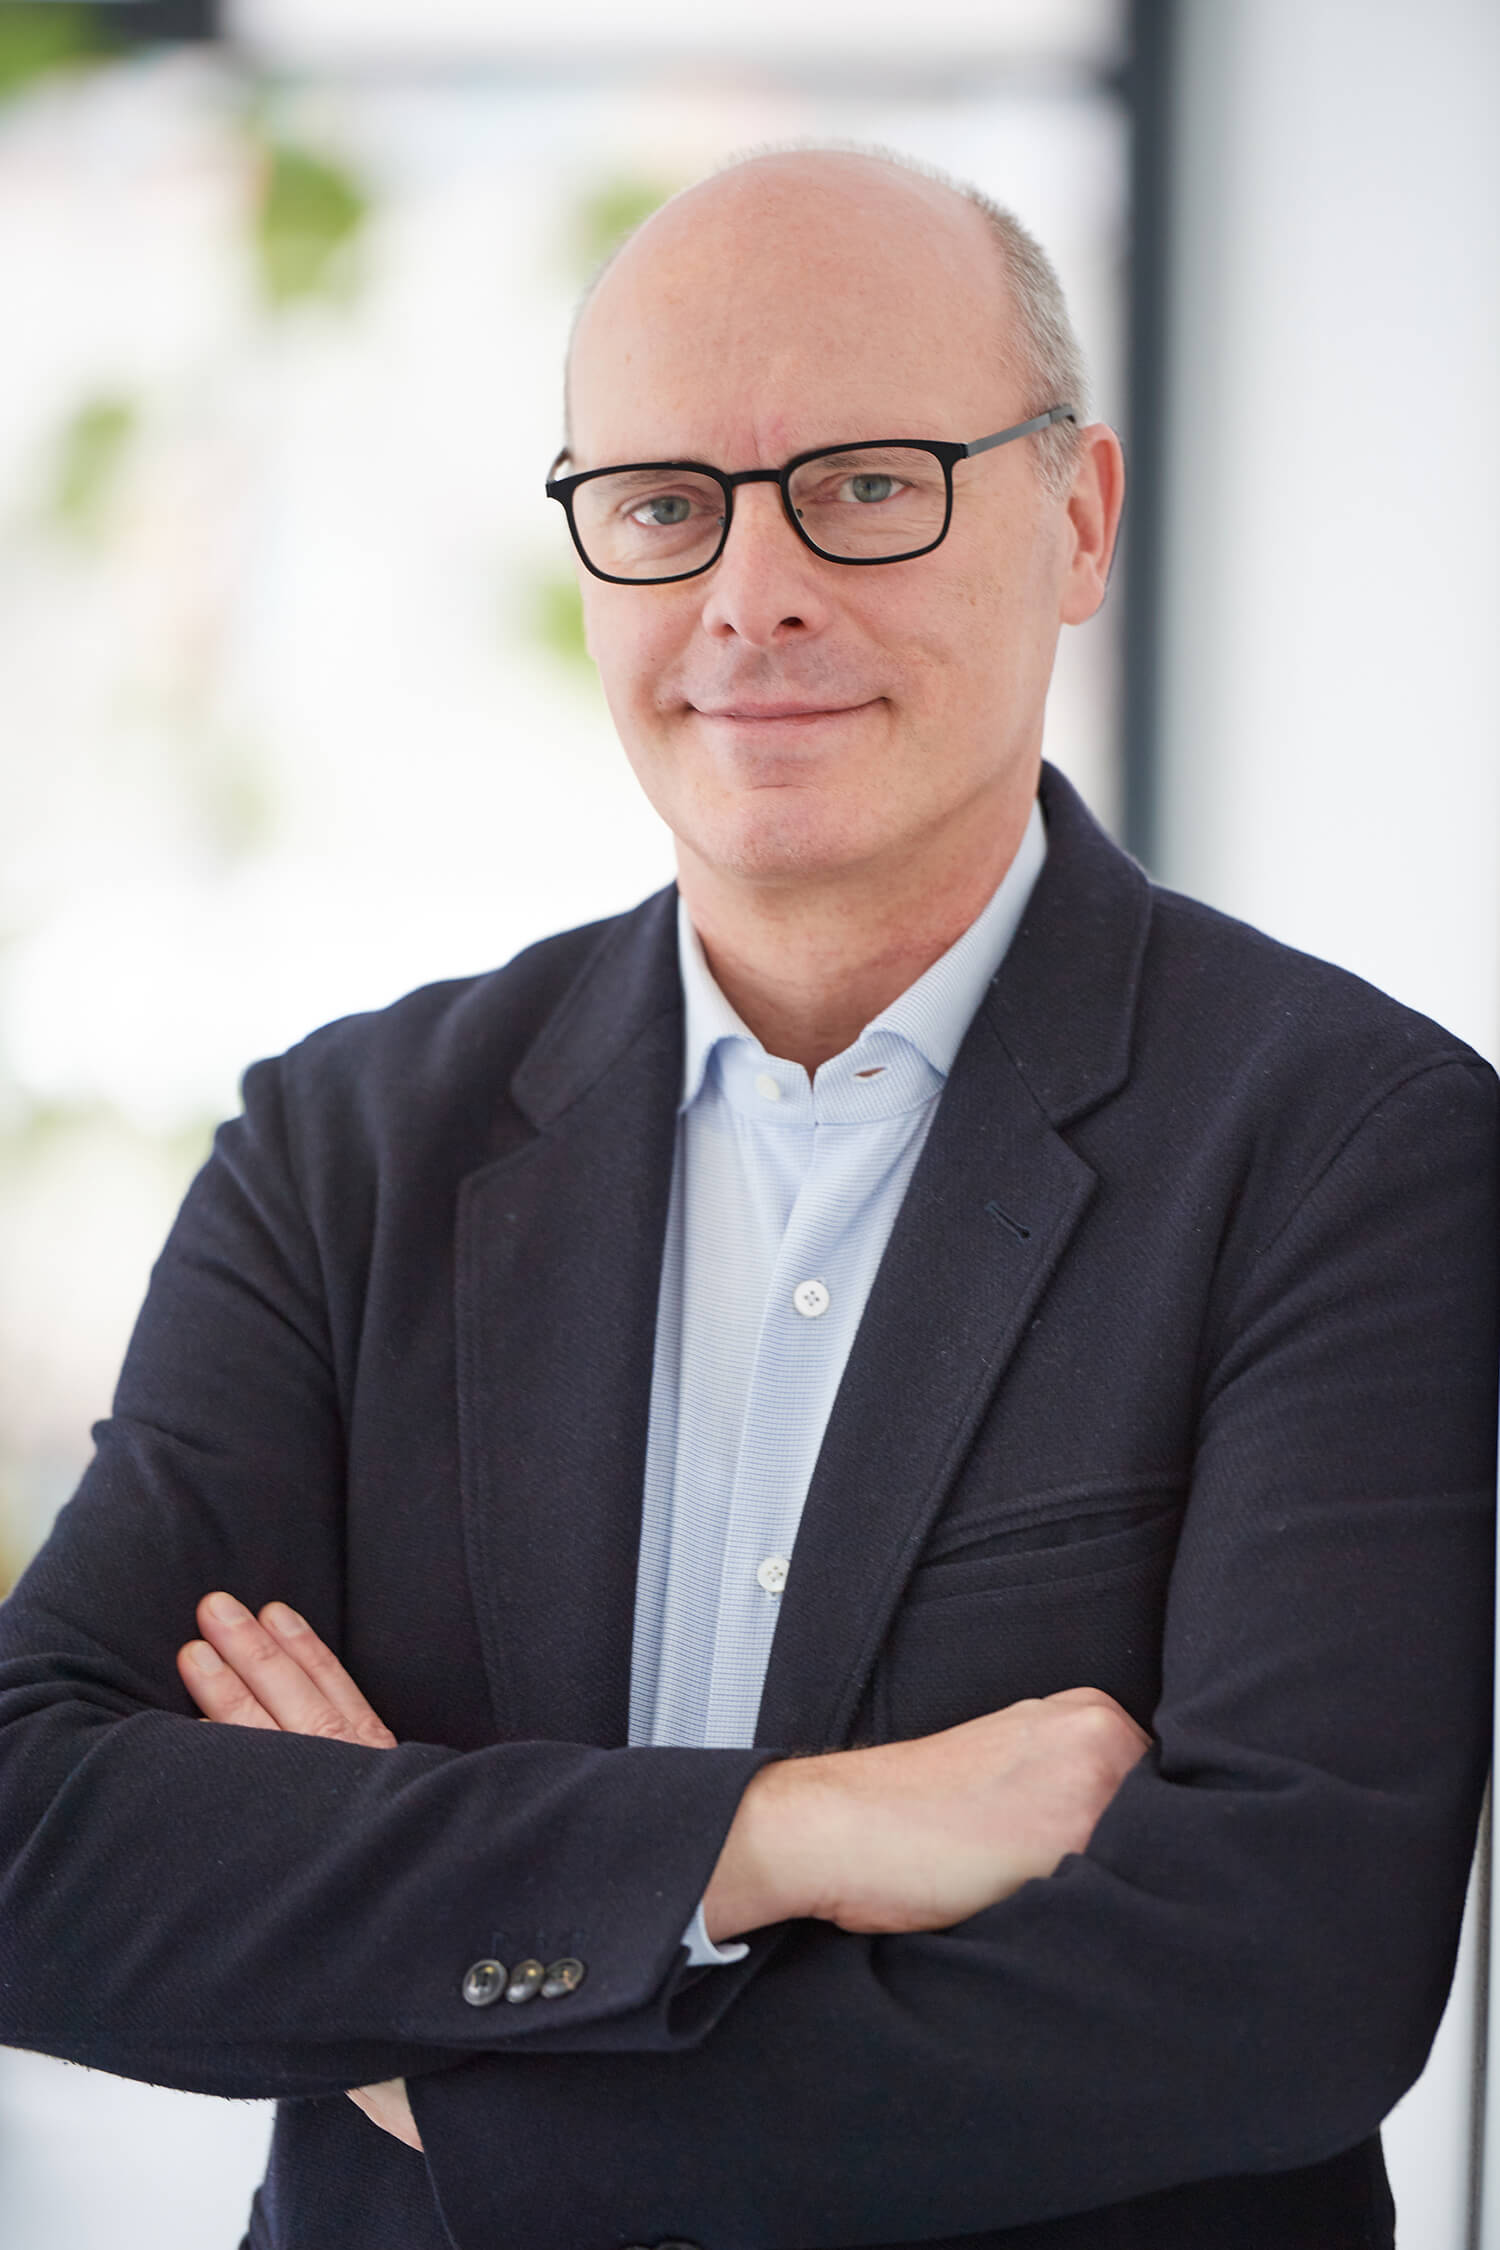 Markus Nöthen